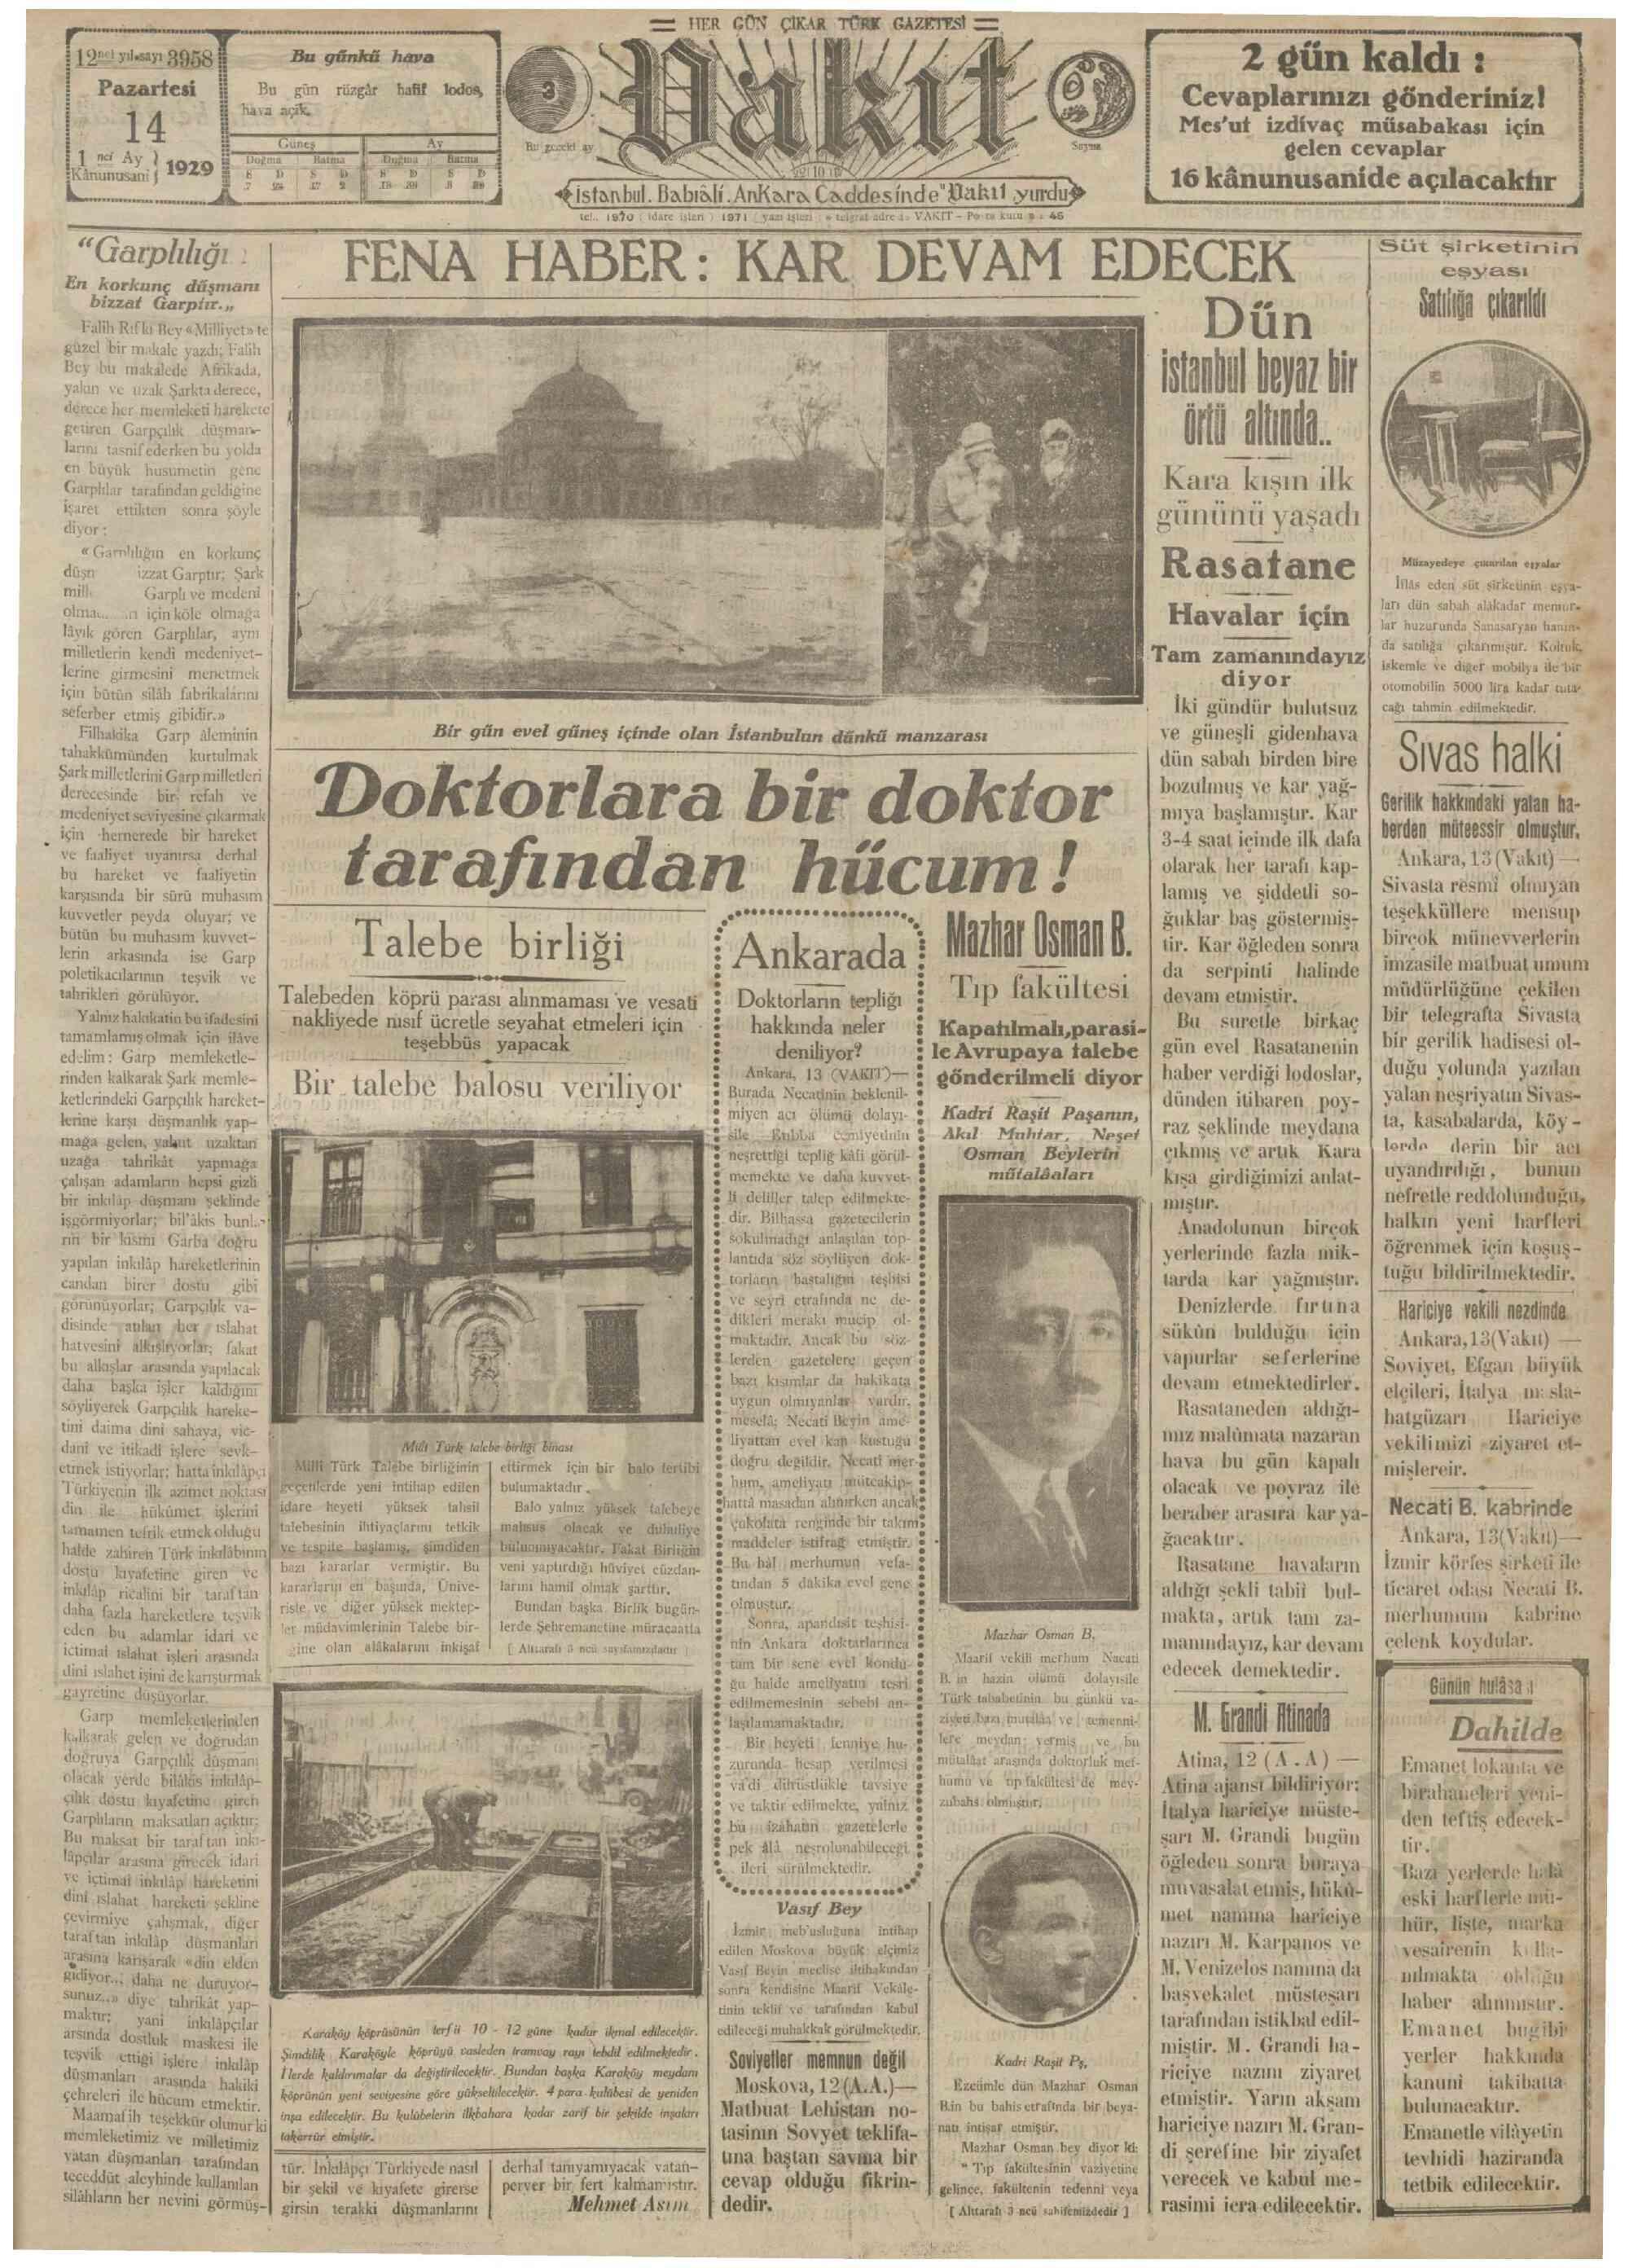 14 Ocak 1929 Tarihli Vakit Gazetesi Sayfa 1